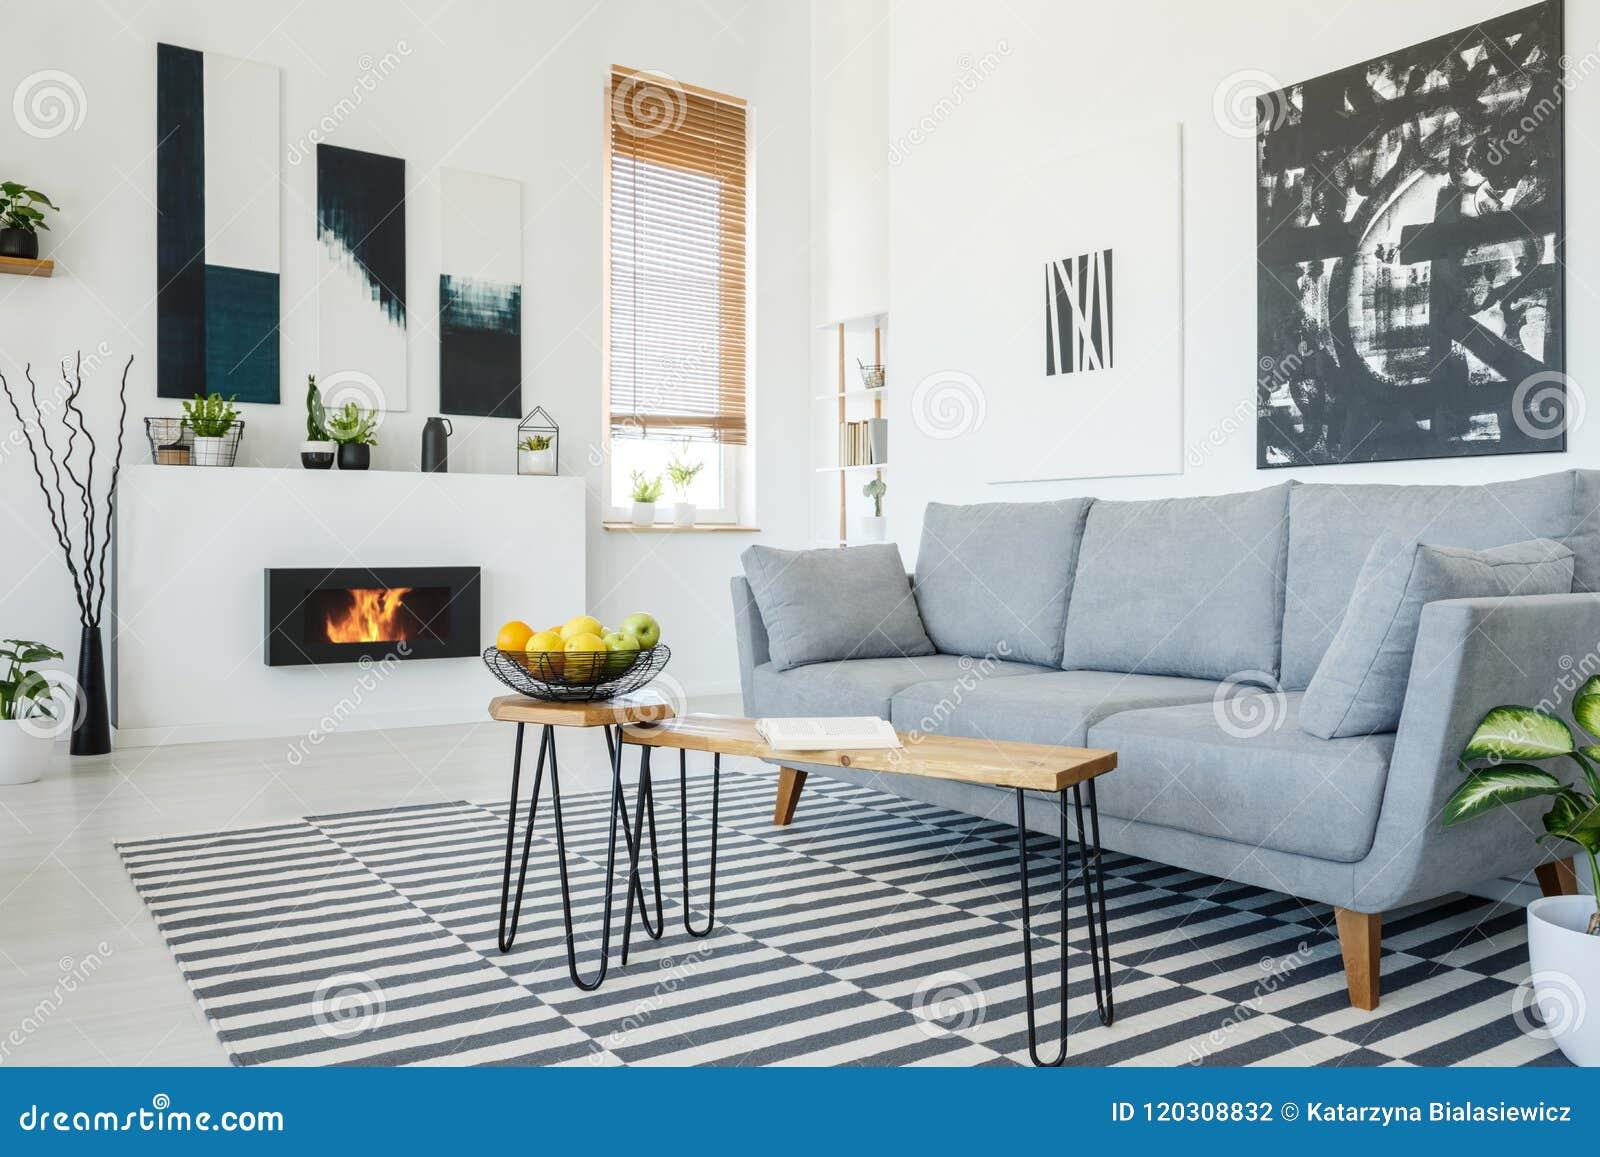 Vraie photo d un sofa gris se tenant devant une table en bois dedans